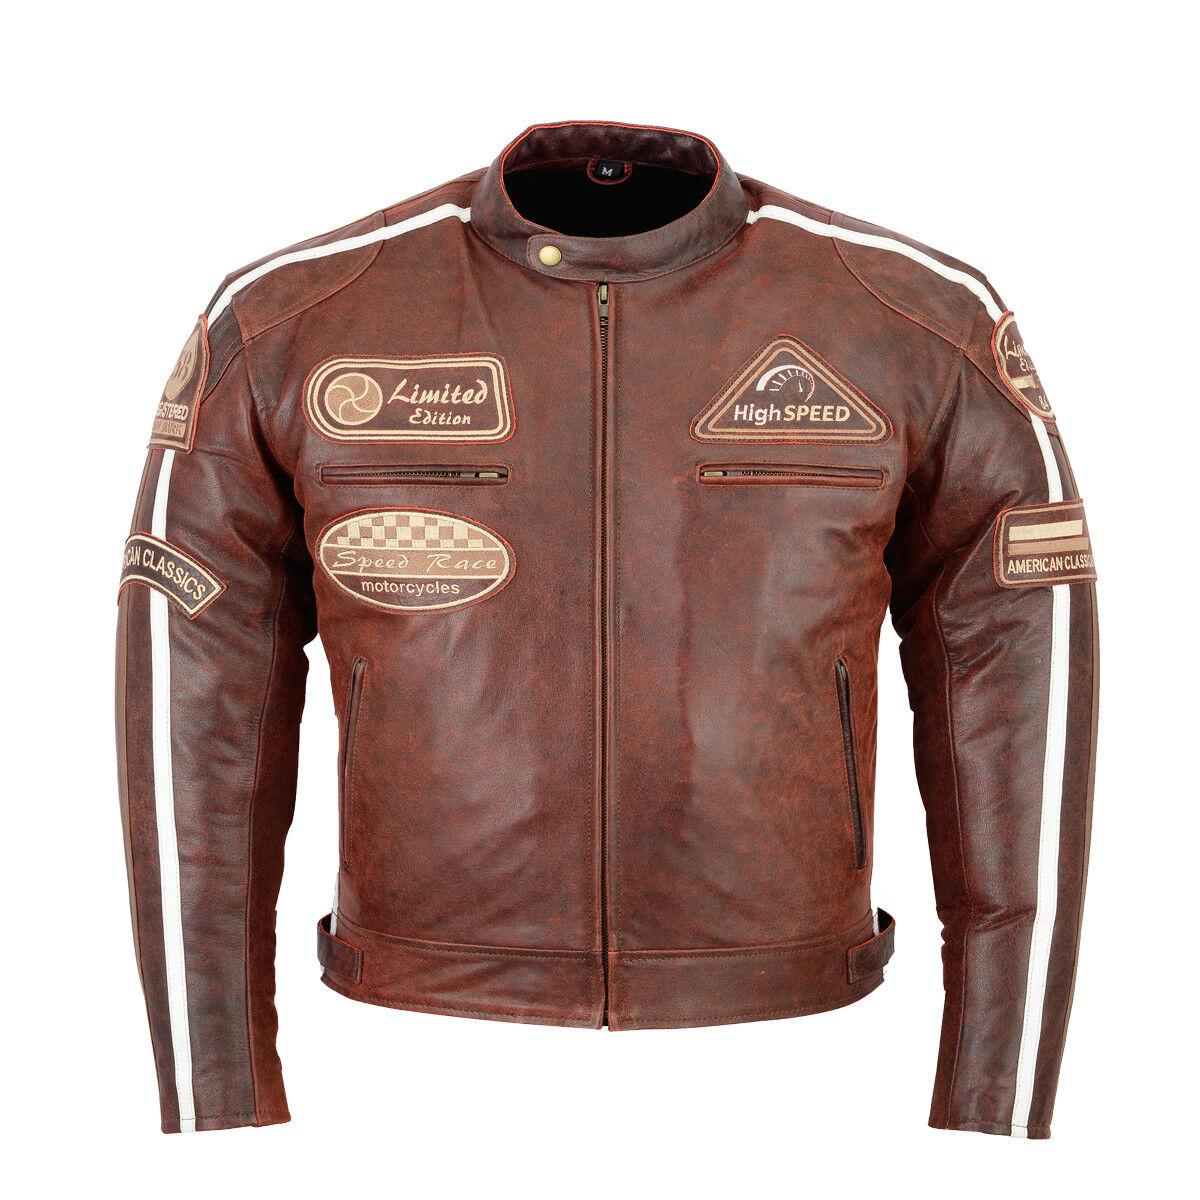 CHOPPER MOTO Retro Chaqueta de cuero,Hombre Motorista la Motocicleta cuero NUEVO